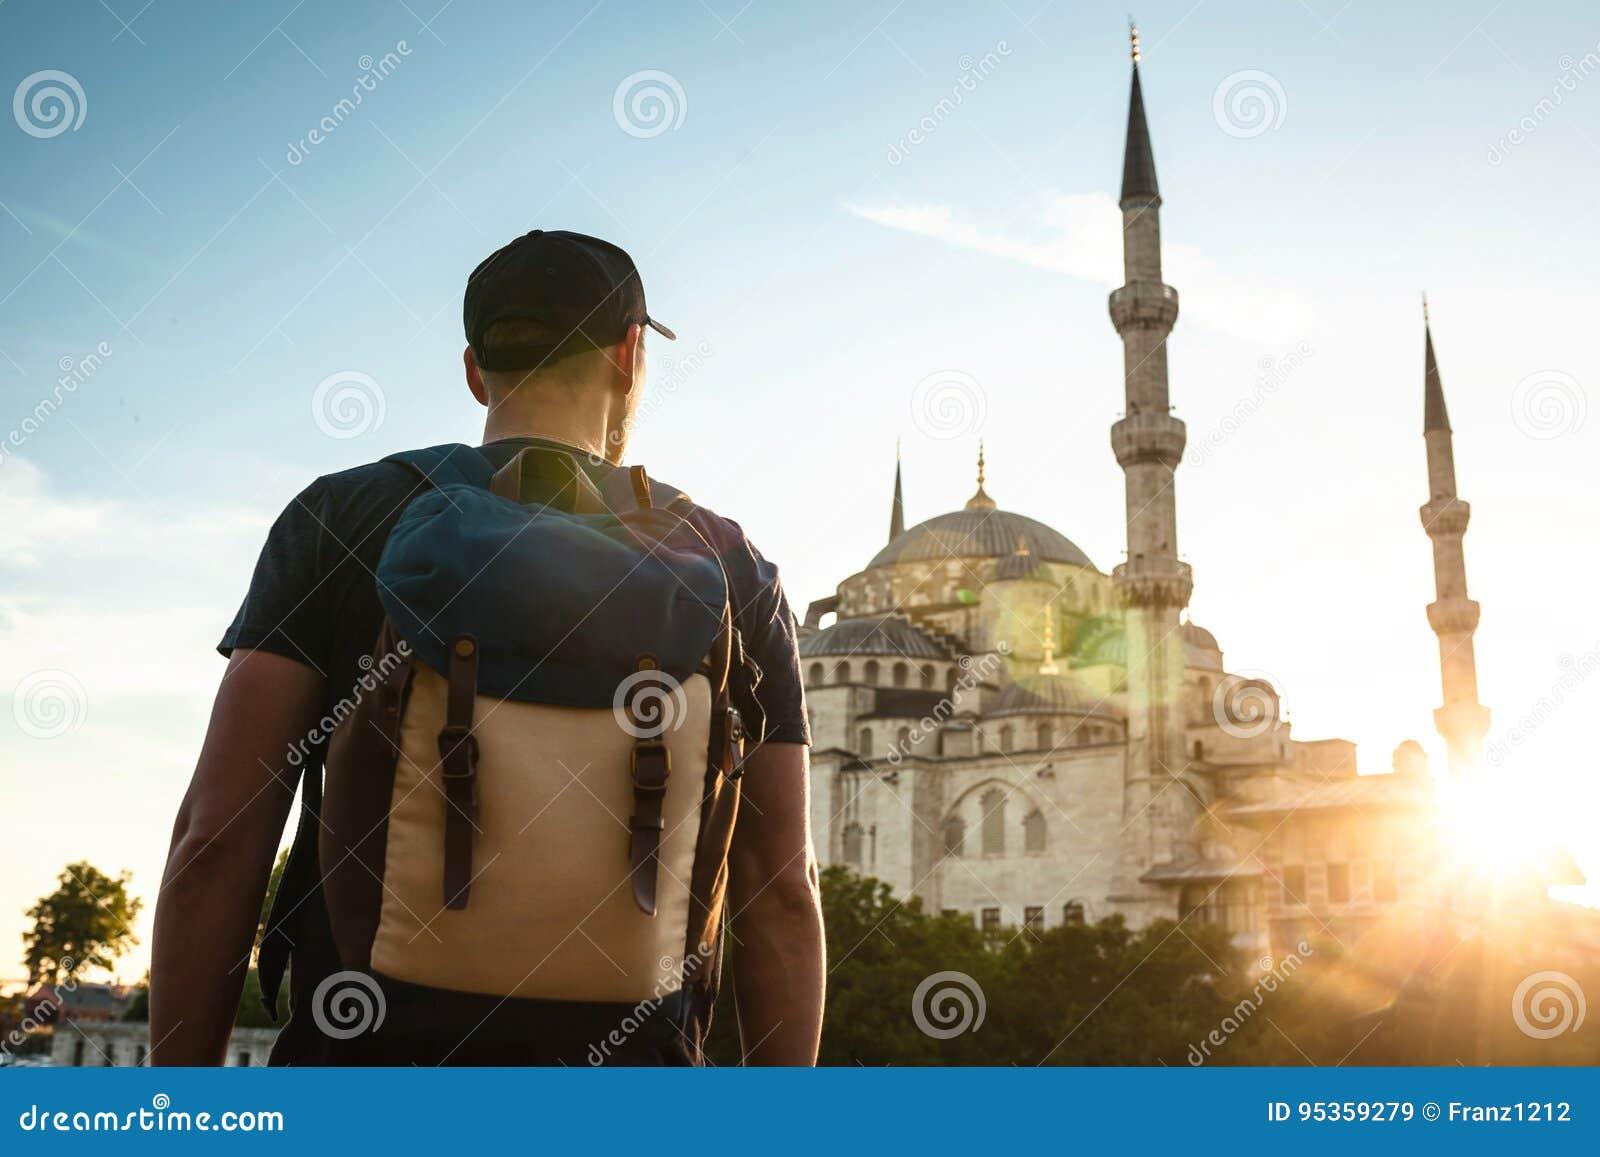 Ένα άτομο σε ένα καπέλο του μπέιζμπολ με ένα σακίδιο πλάτης δίπλα στο μπλε μουσουλμανικό τέμενος είναι μια διάσημη θέα στη Ιστανμ